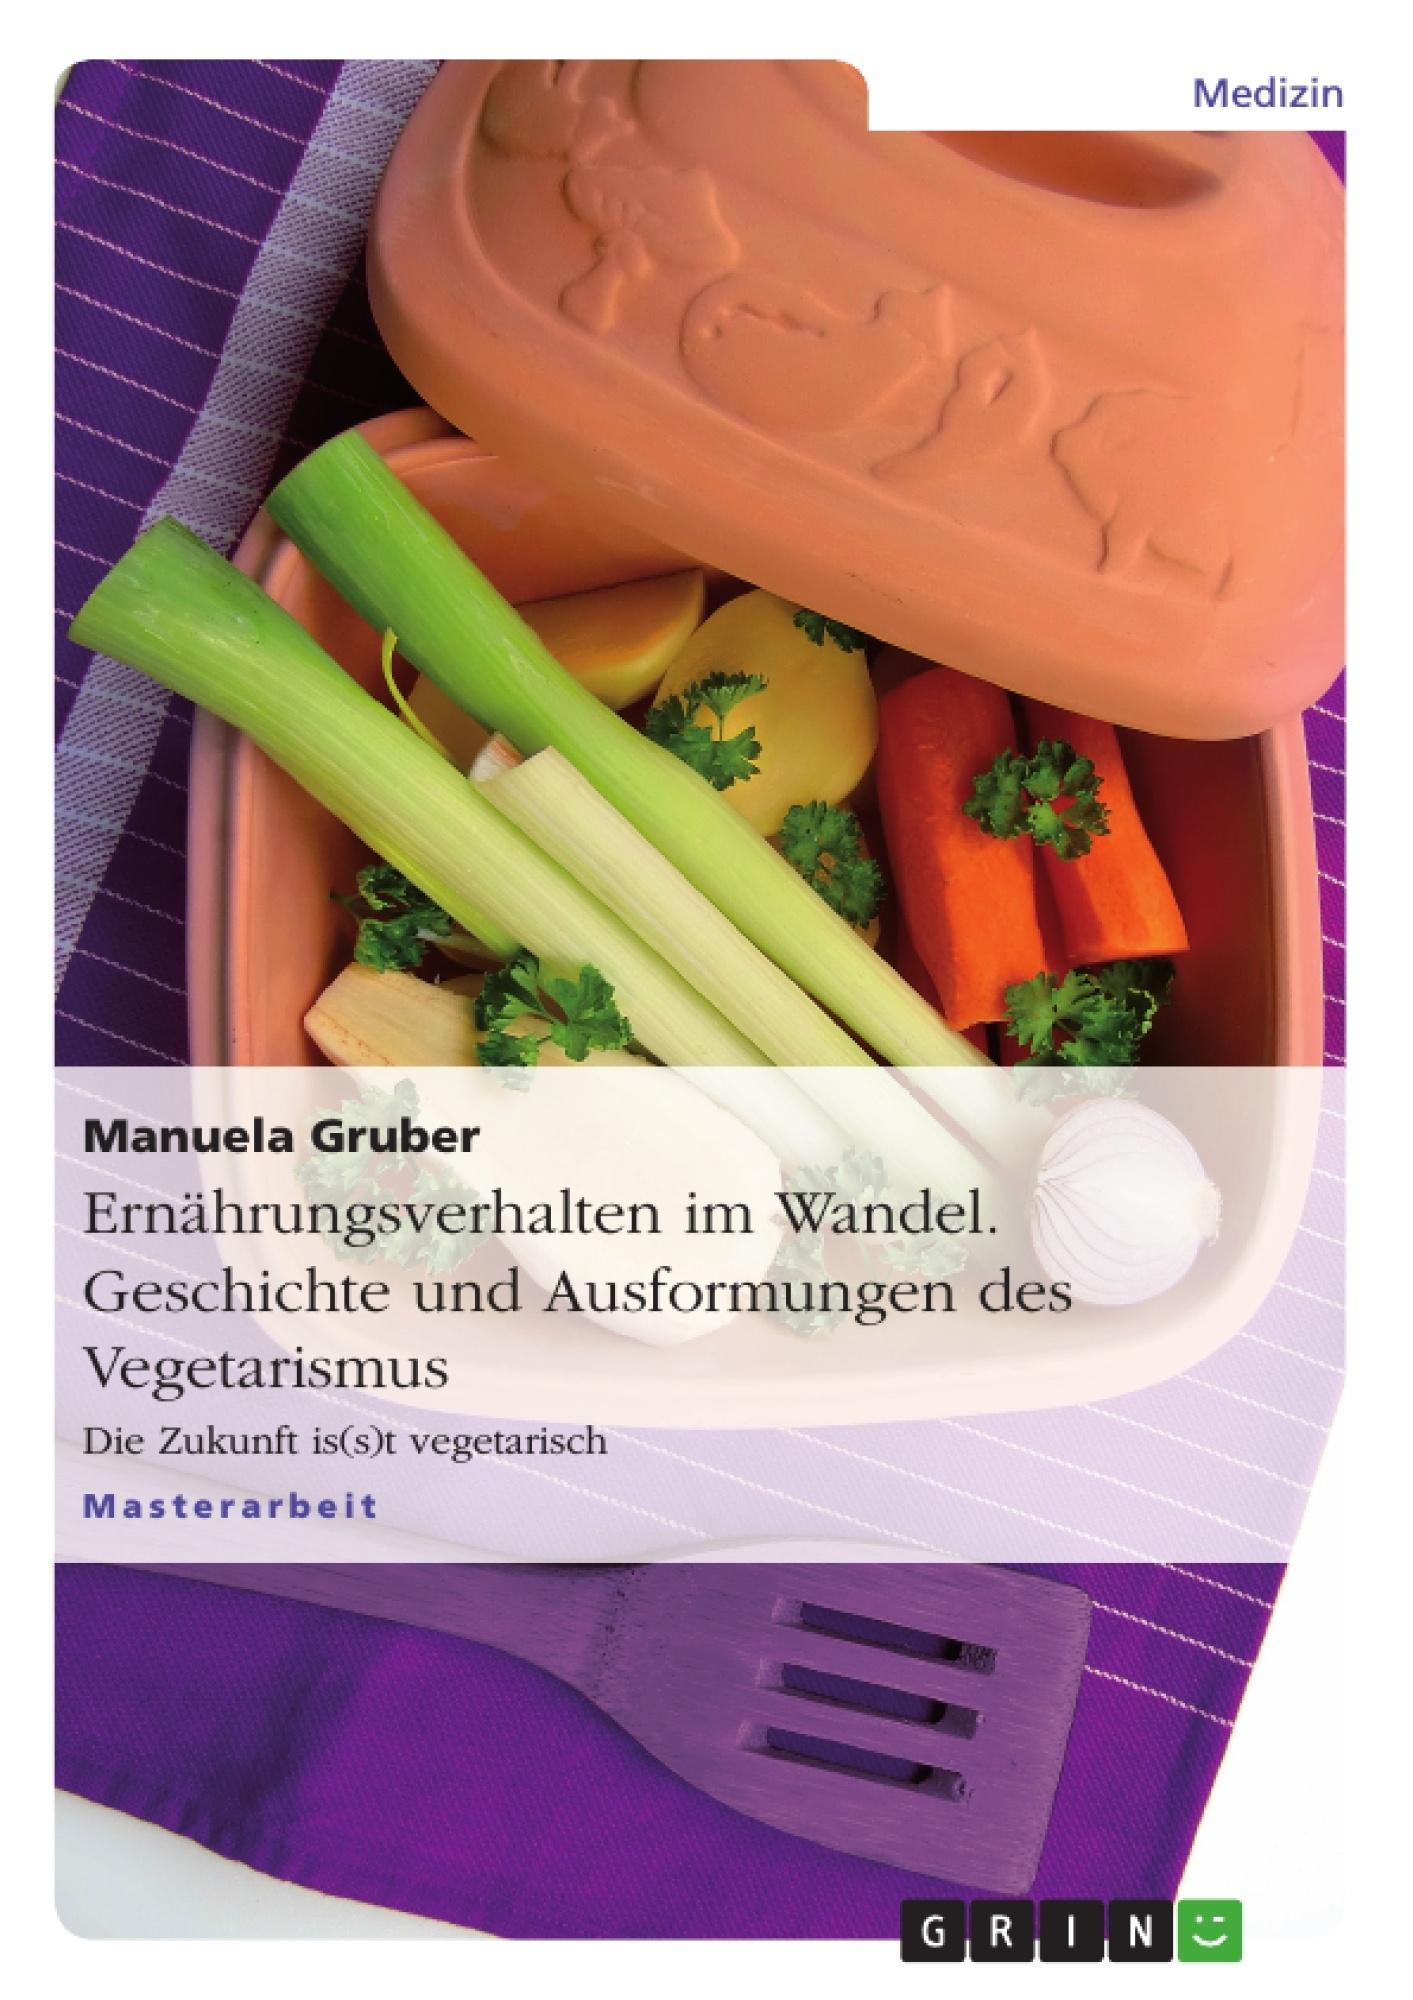 Titel: Ernährungsverhalten im Wandel. Geschichte und Ausformungen des Vegetarismus